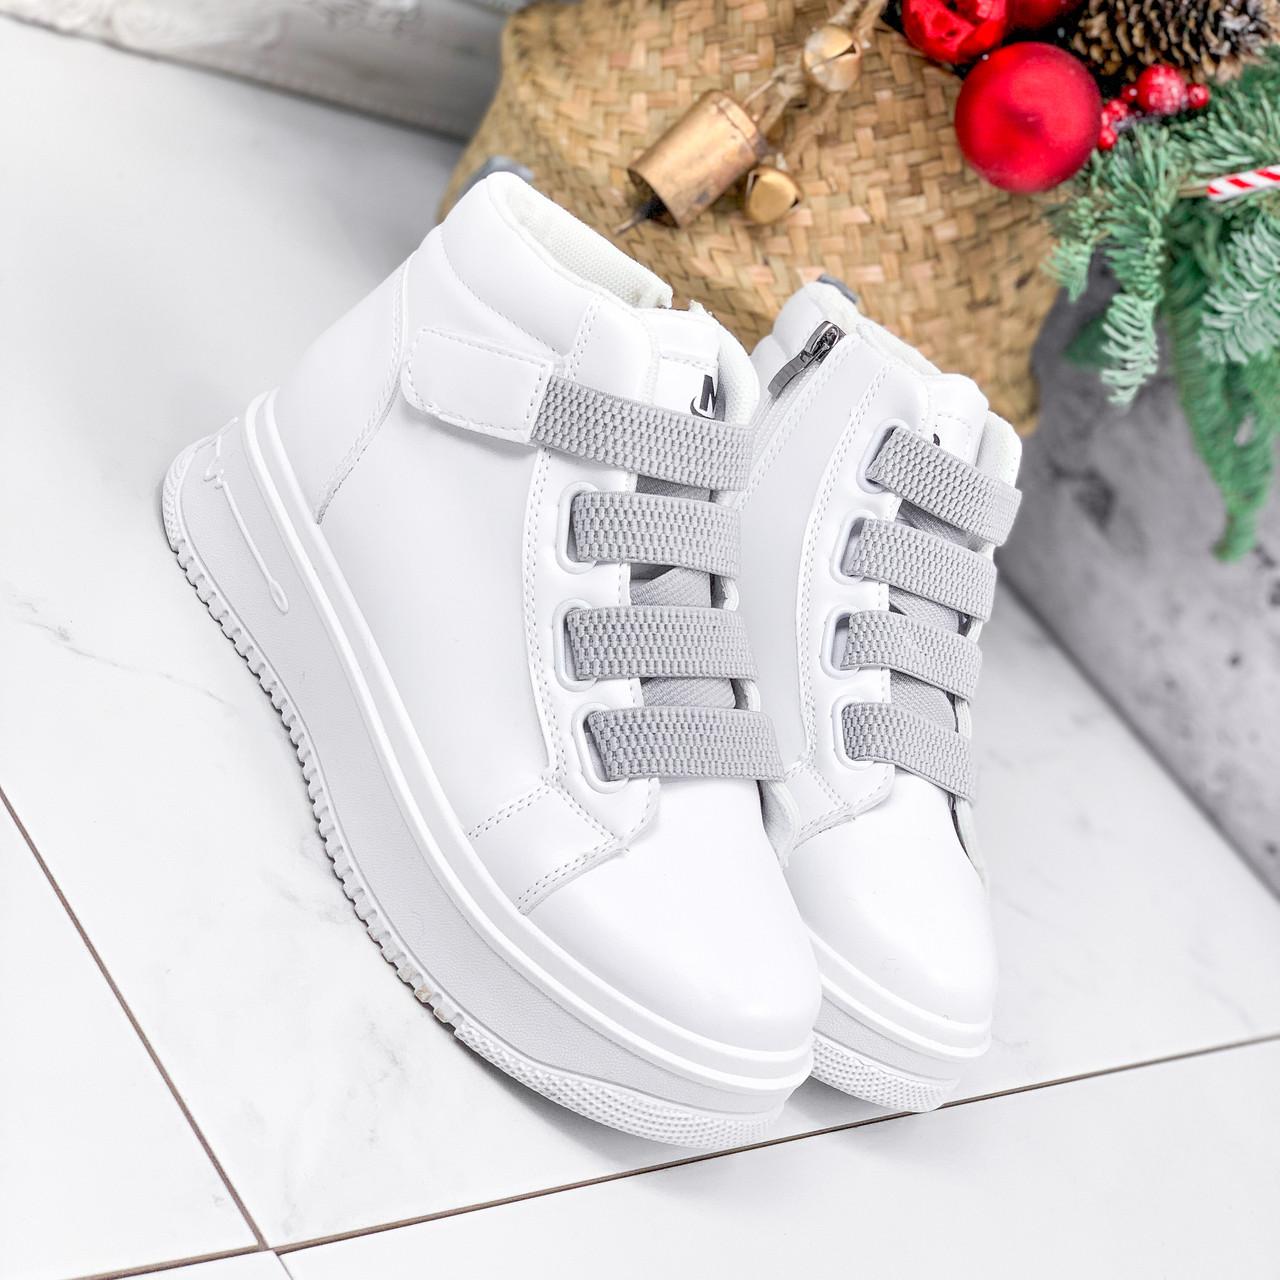 Ботинки женские Nies белые + серые 2794